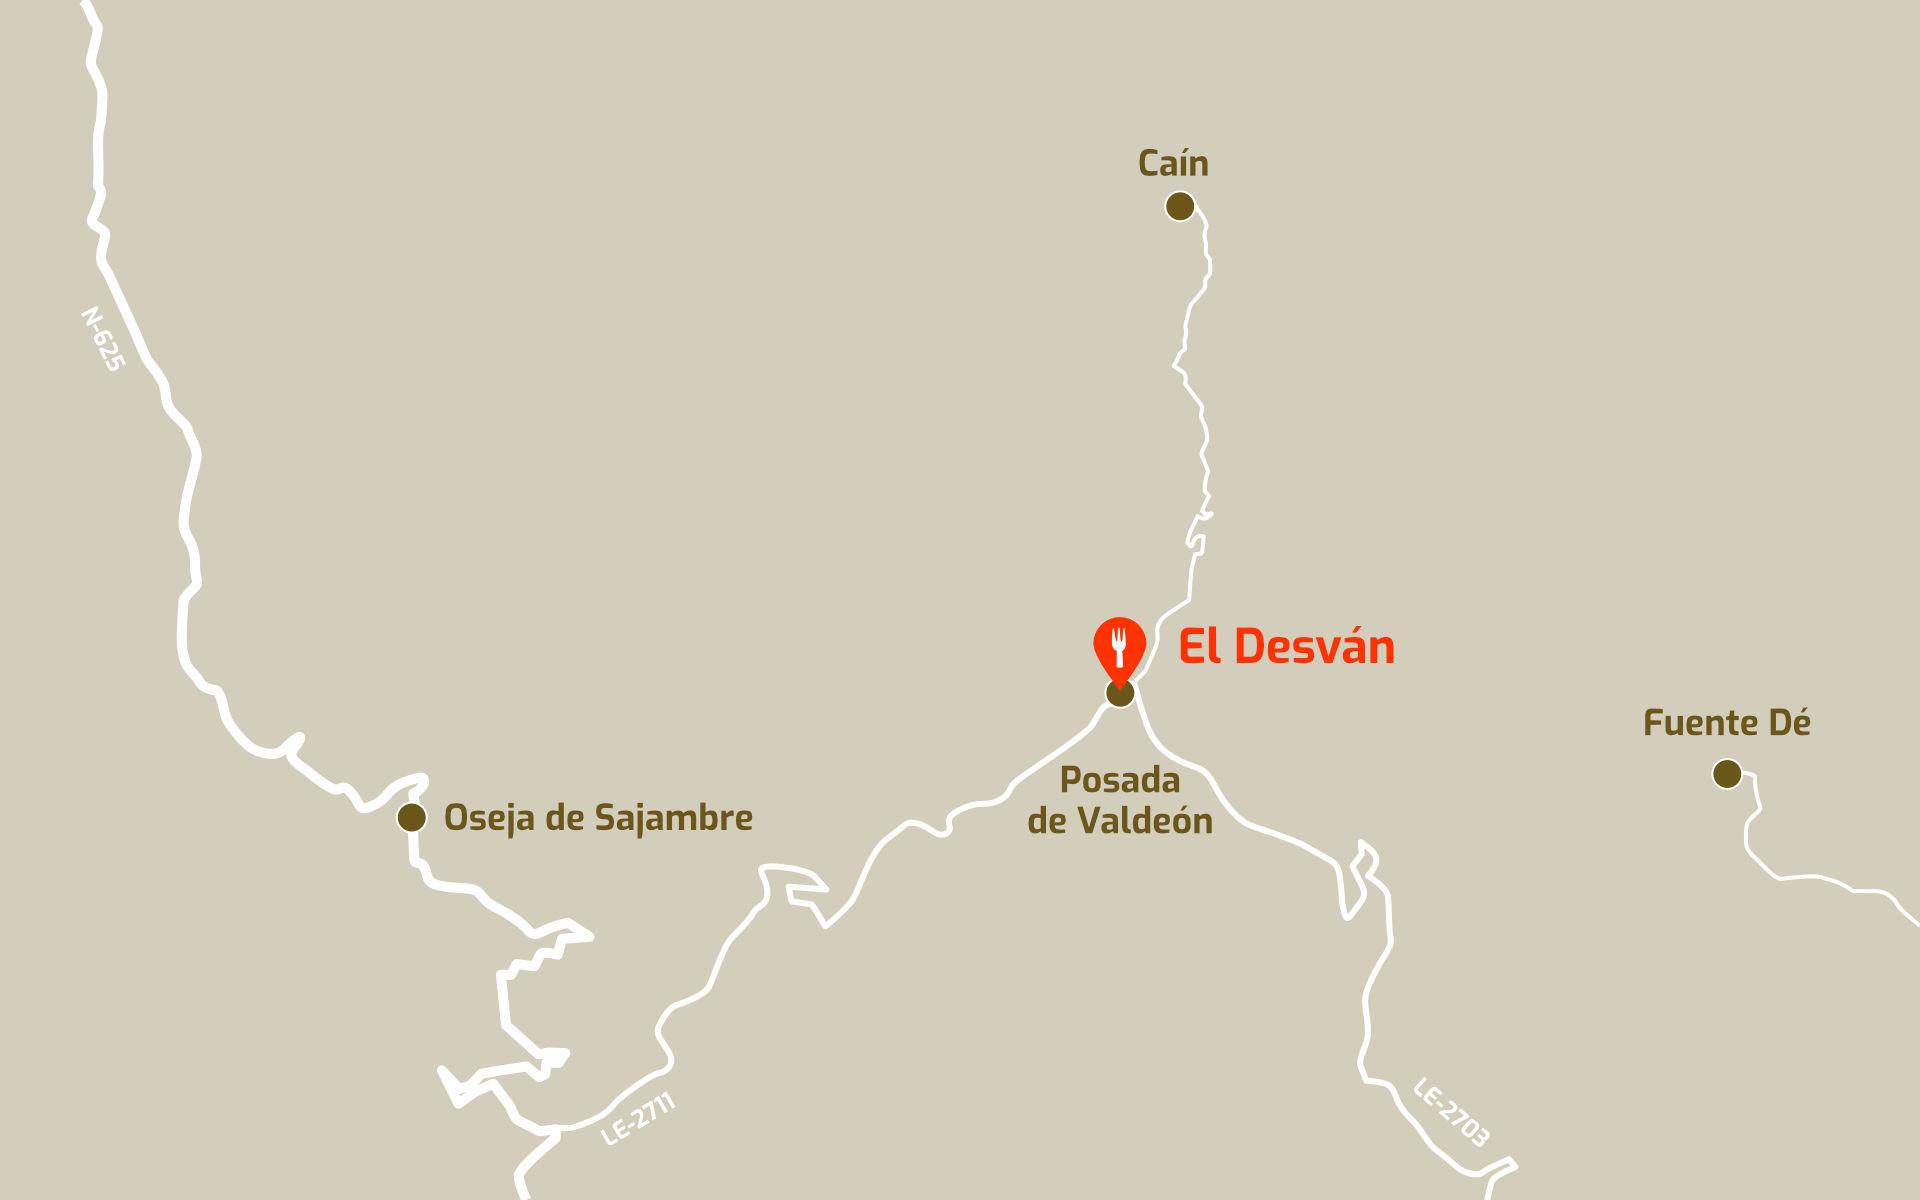 Mapa de cómo llegar al restaurante El Desván en Posada de Valdeón, León